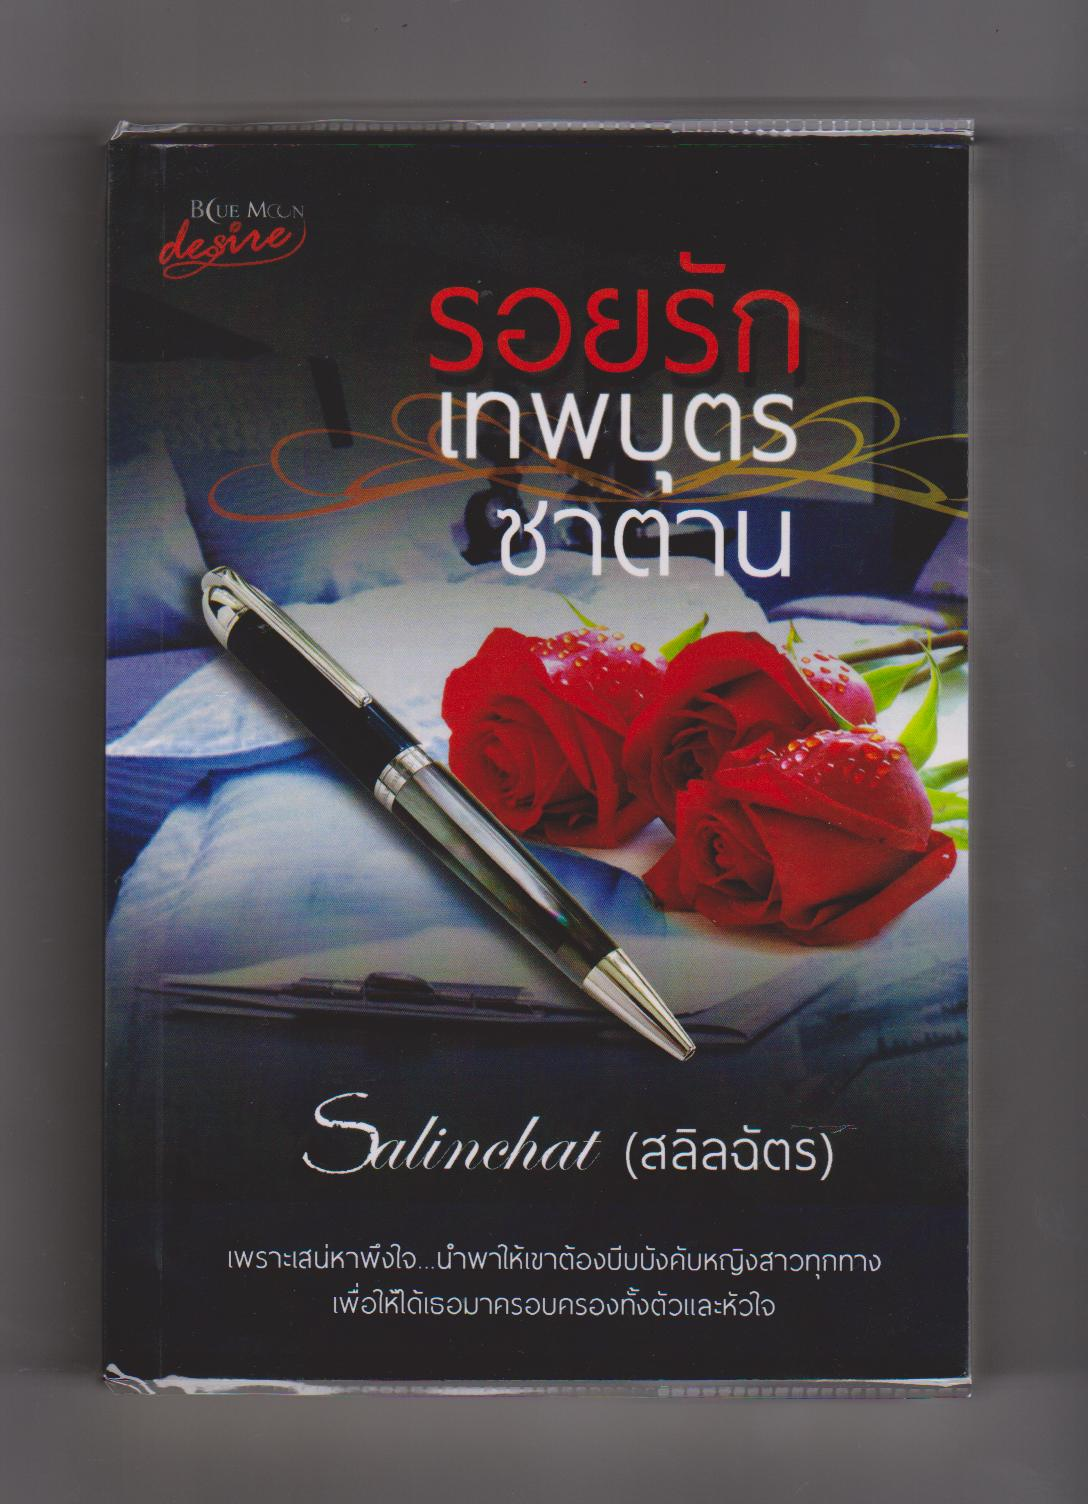 รอยรักเทพบุตรซาตาน / สลิลฉัตร หนังสือใหม่